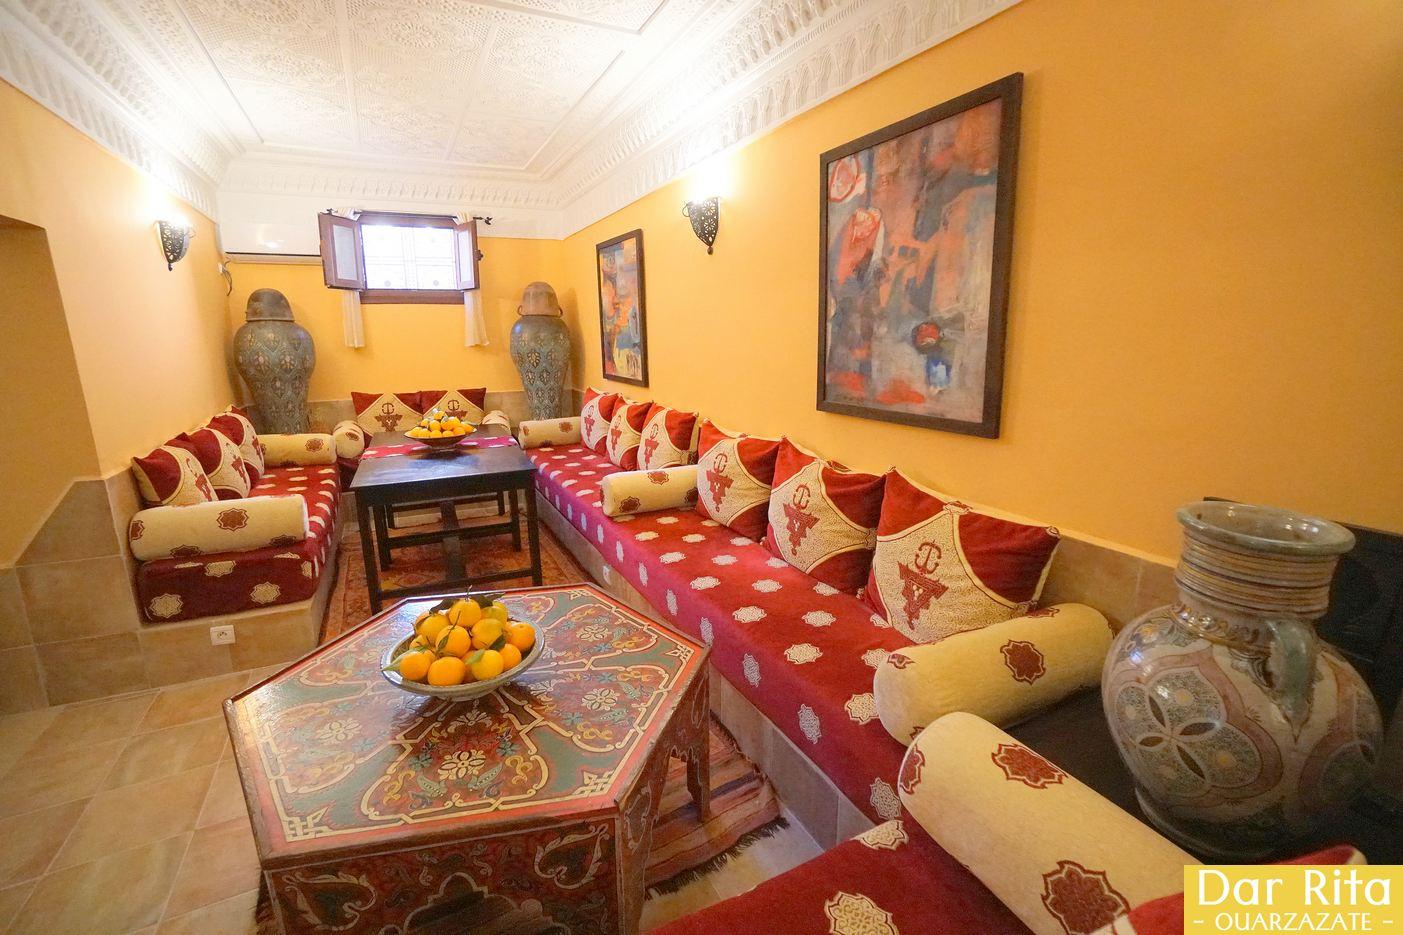 O meu hotel em Marrocos: Riad Dar Rita em Ouarzazate 2